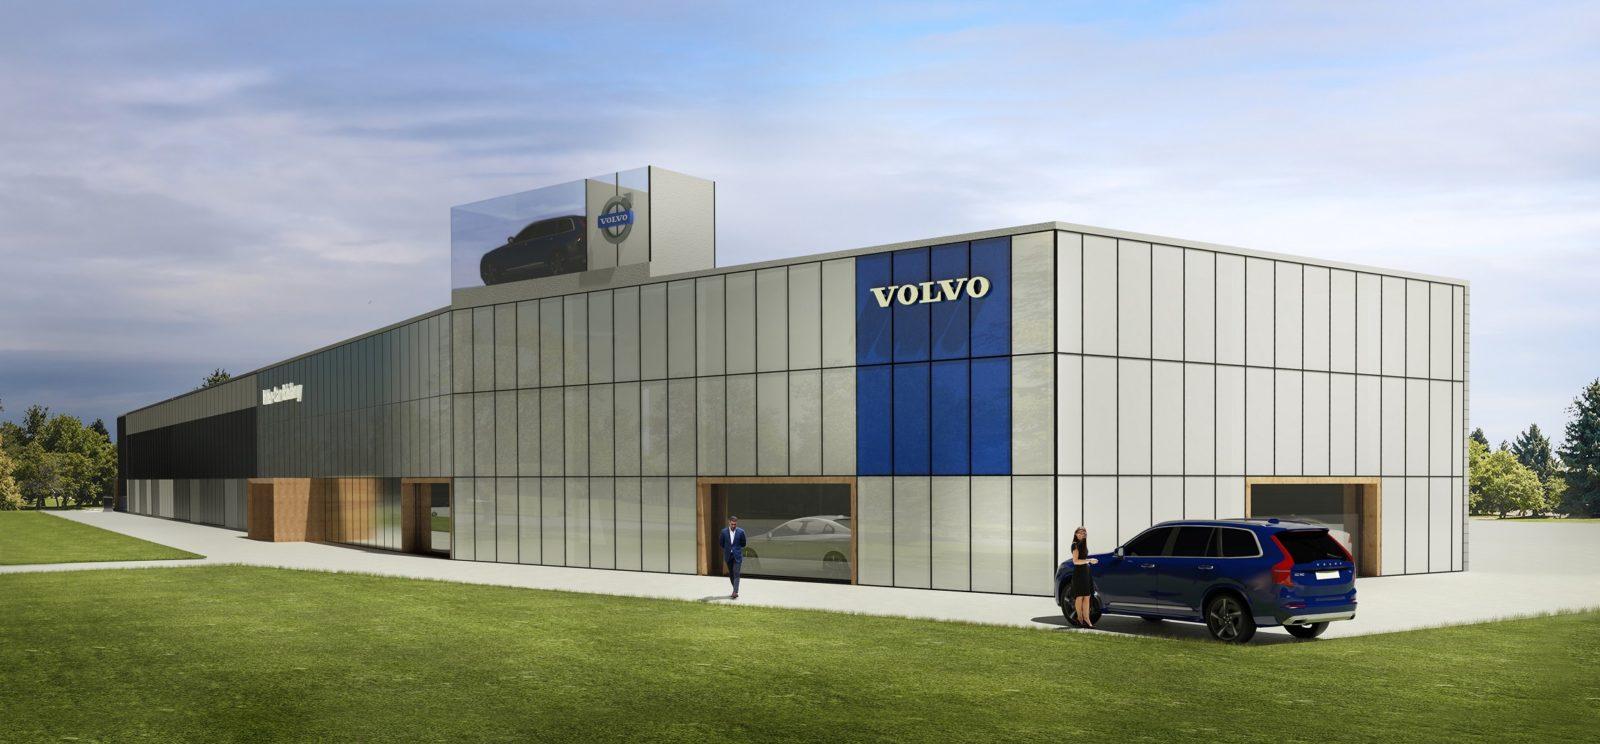 Volvo Wrocław – prace wykończeniowe